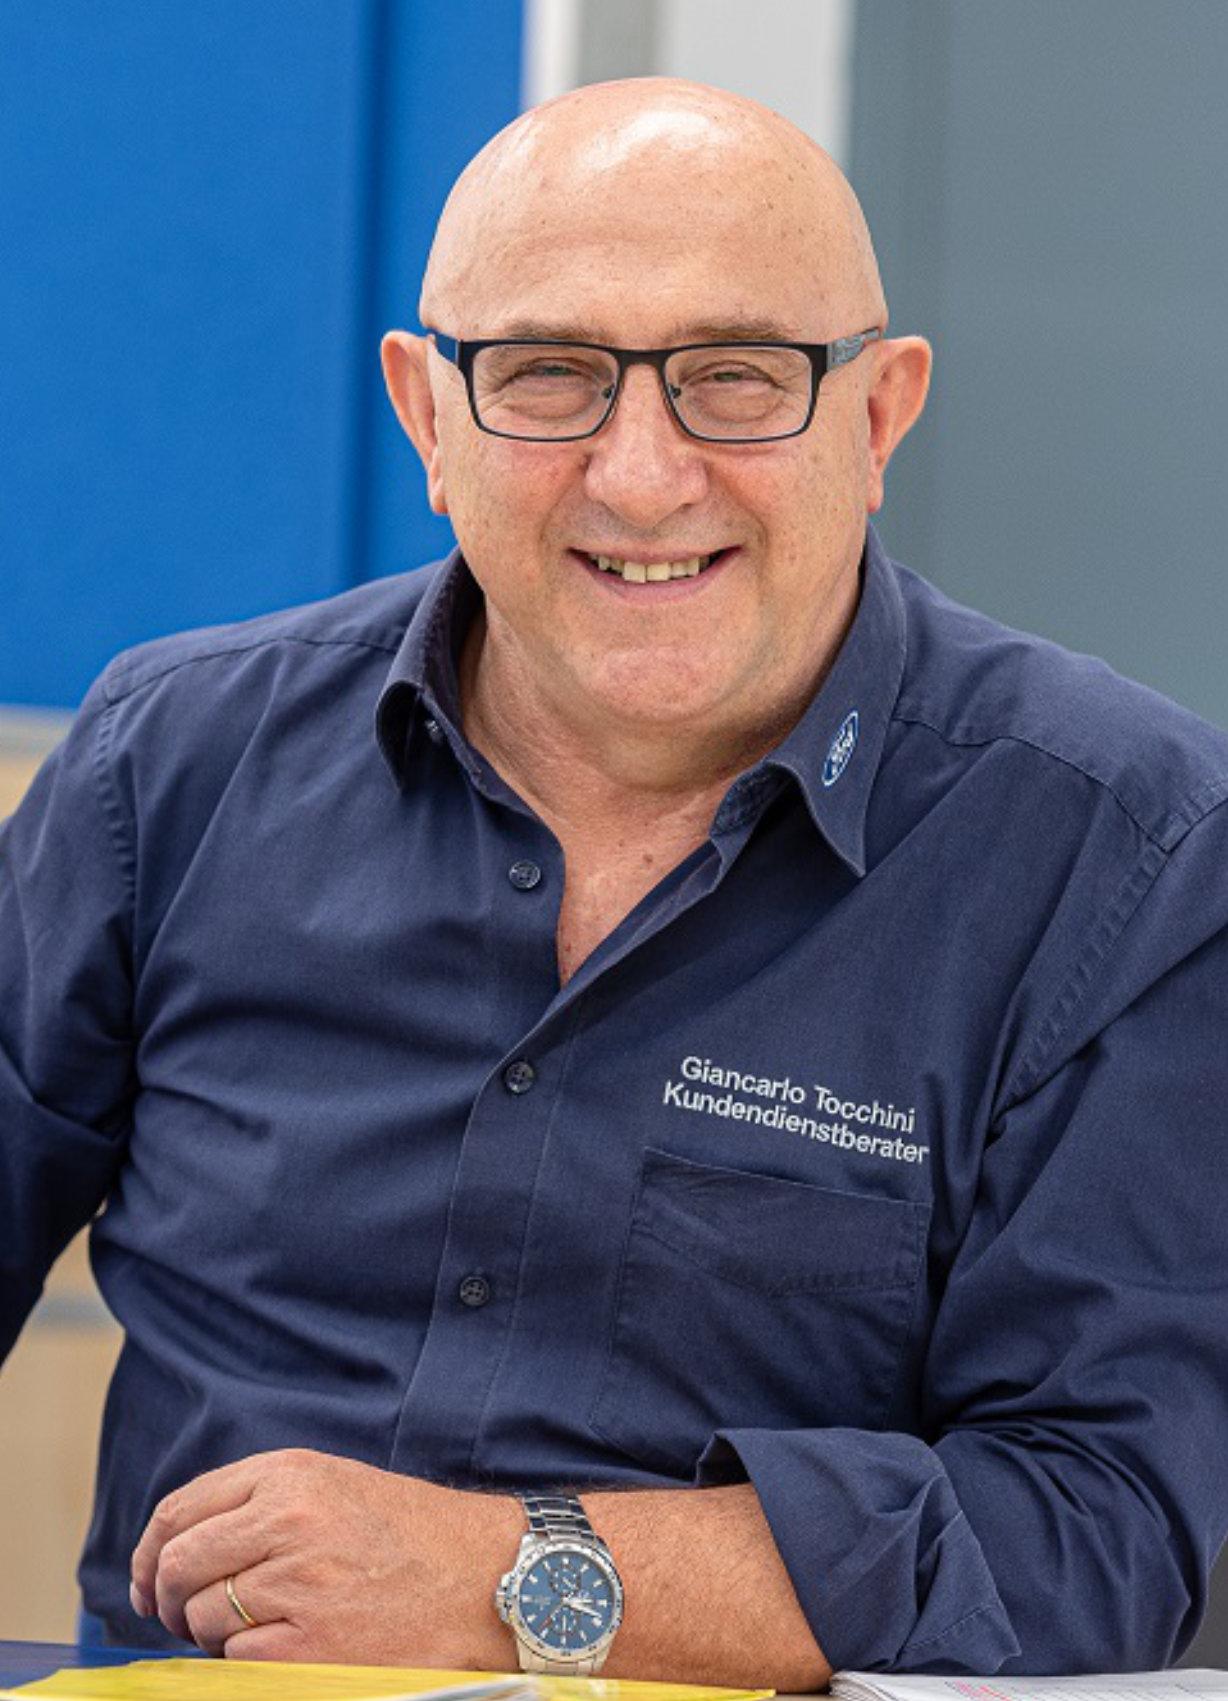 Giancarlo Tocchini